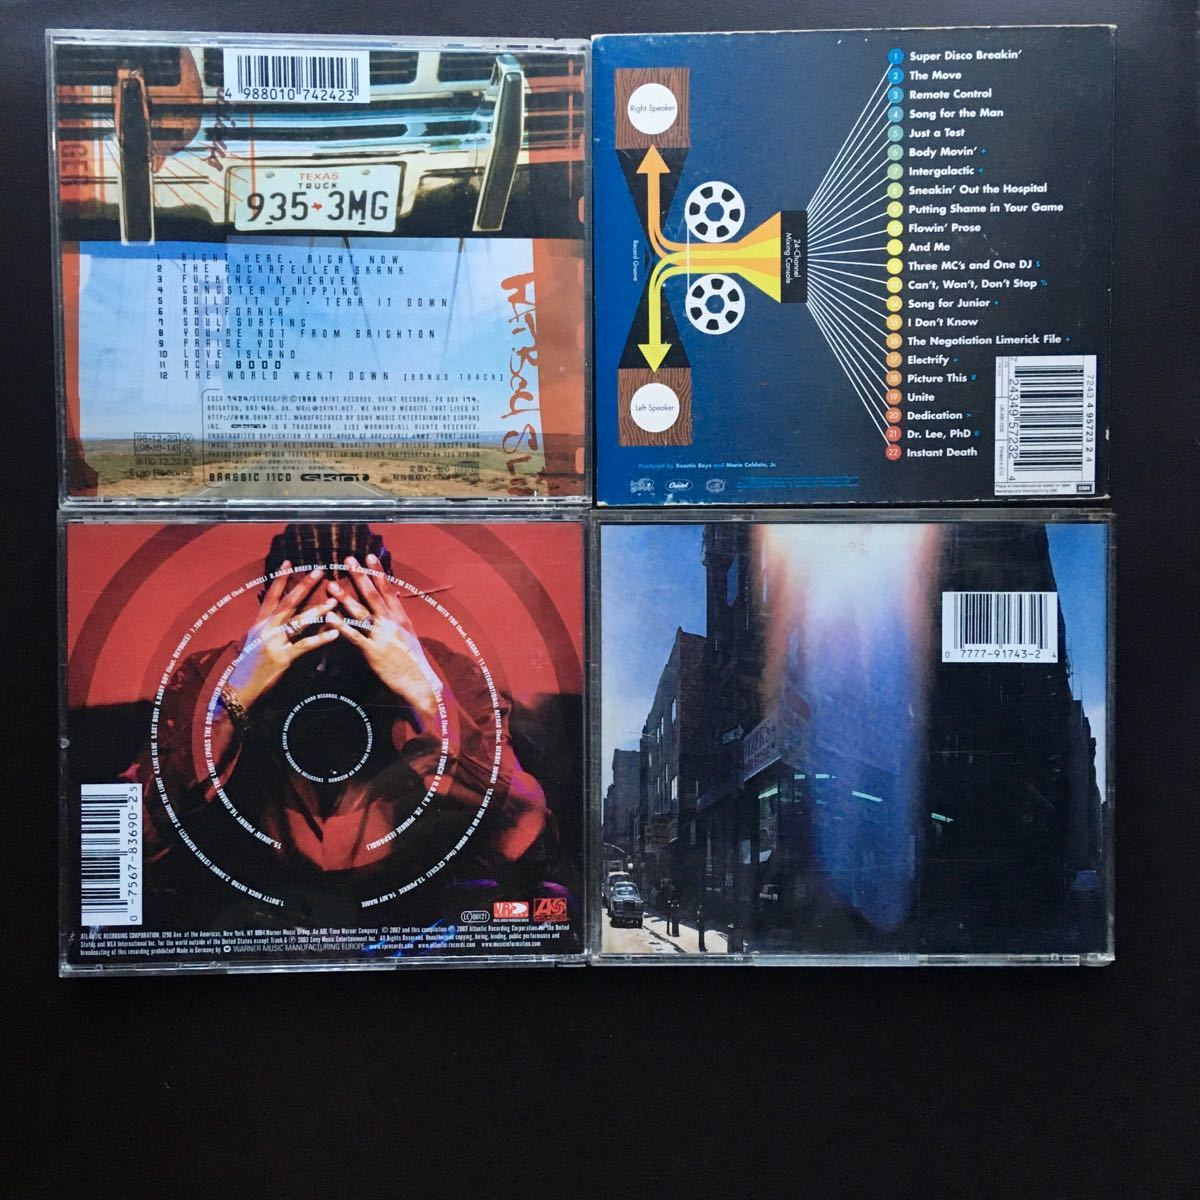 洋楽 CDセット ファットボーイスリム ビースティーボーイズ ショーンポール